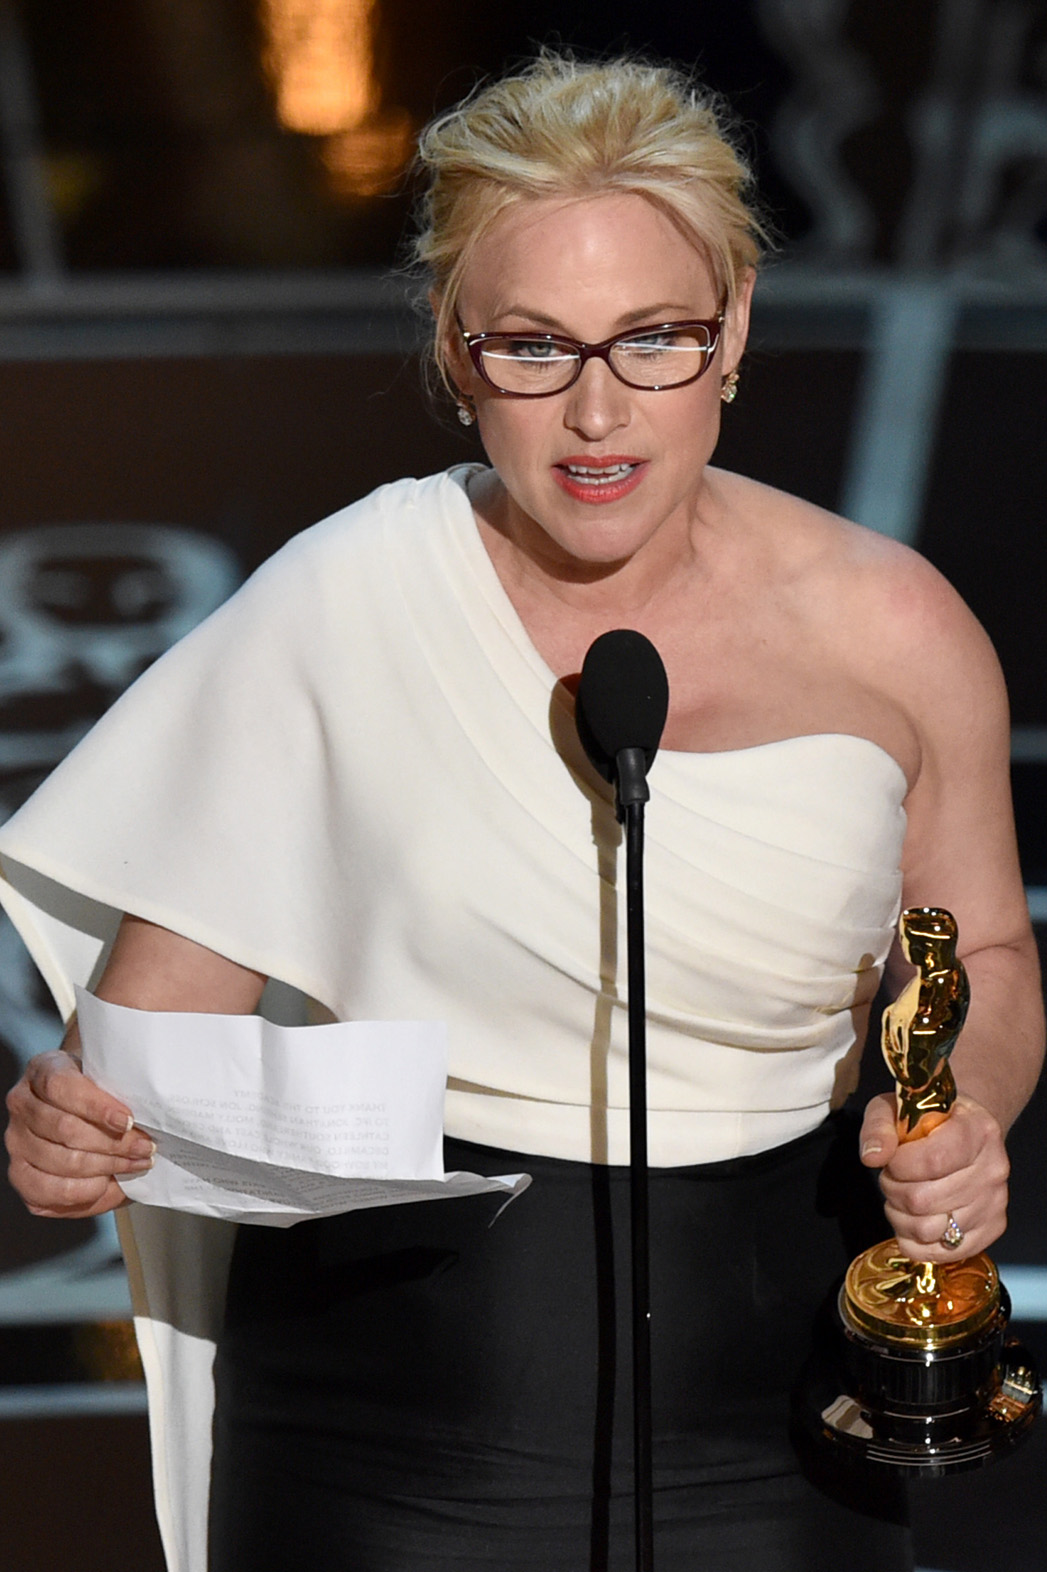 Patricia Arquette Award - P 2015